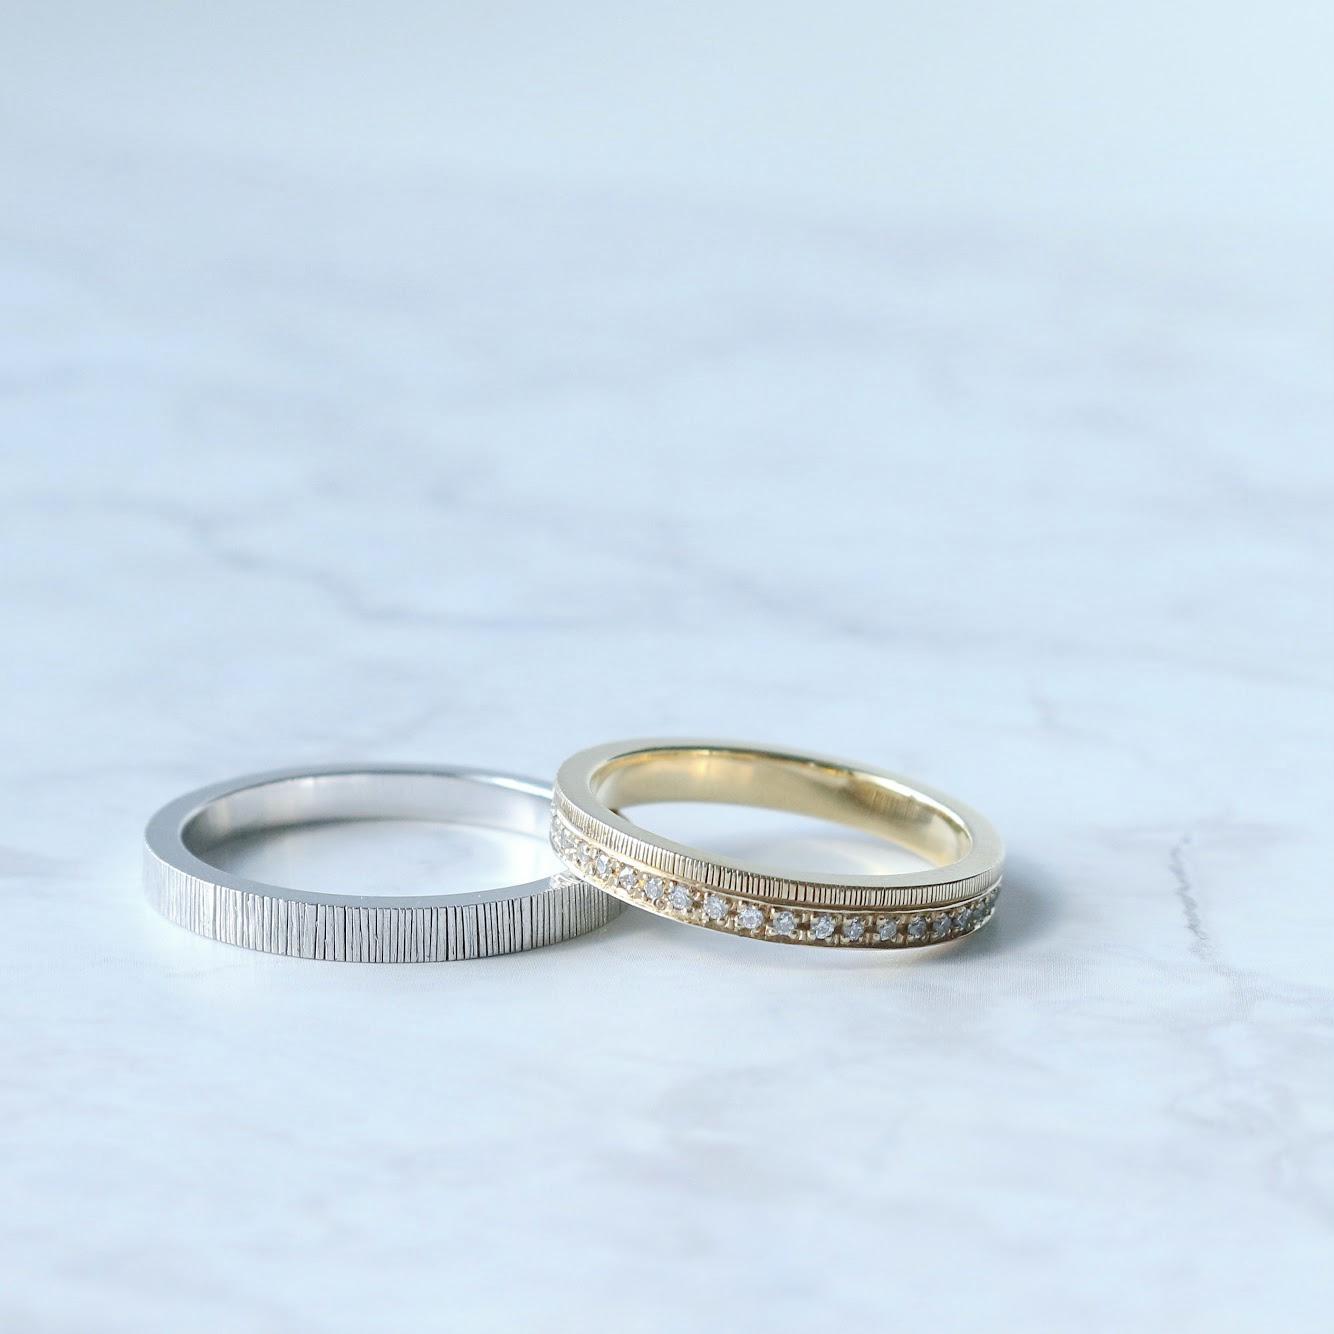 平打ちフォルムの結婚指輪|さまざまなデザインの紹介